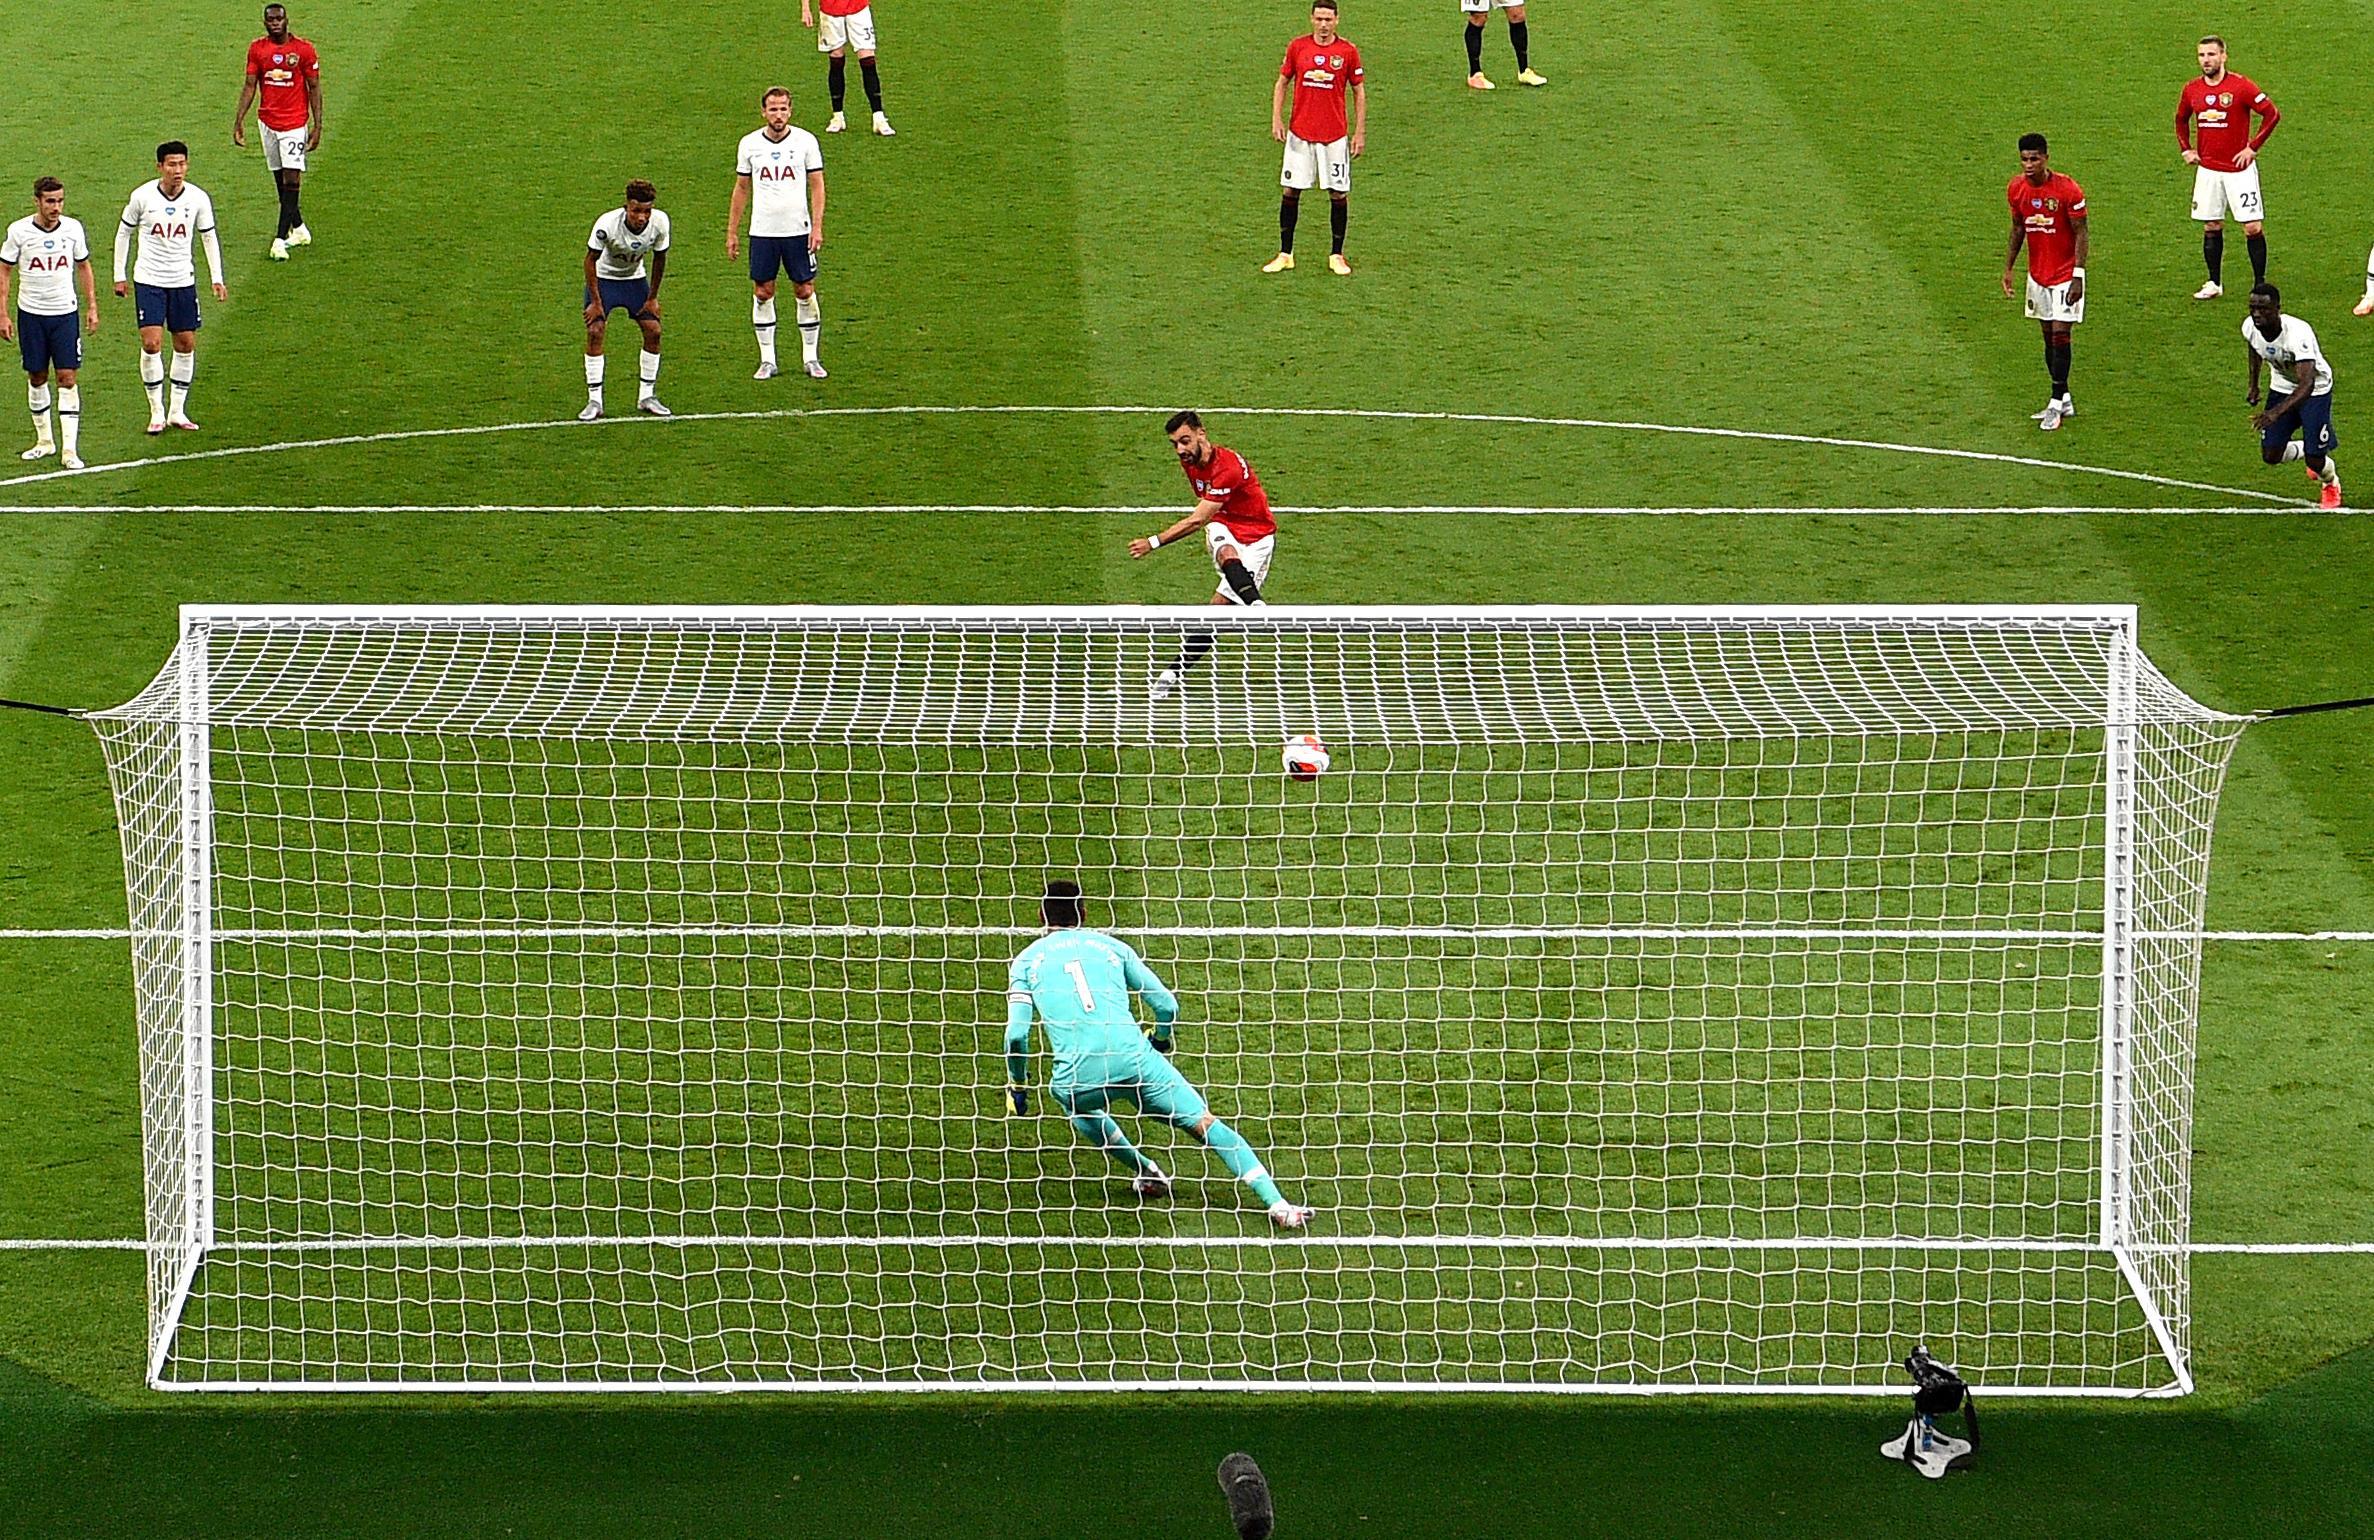 Man Utd Near Record For Most Penalties In A Season